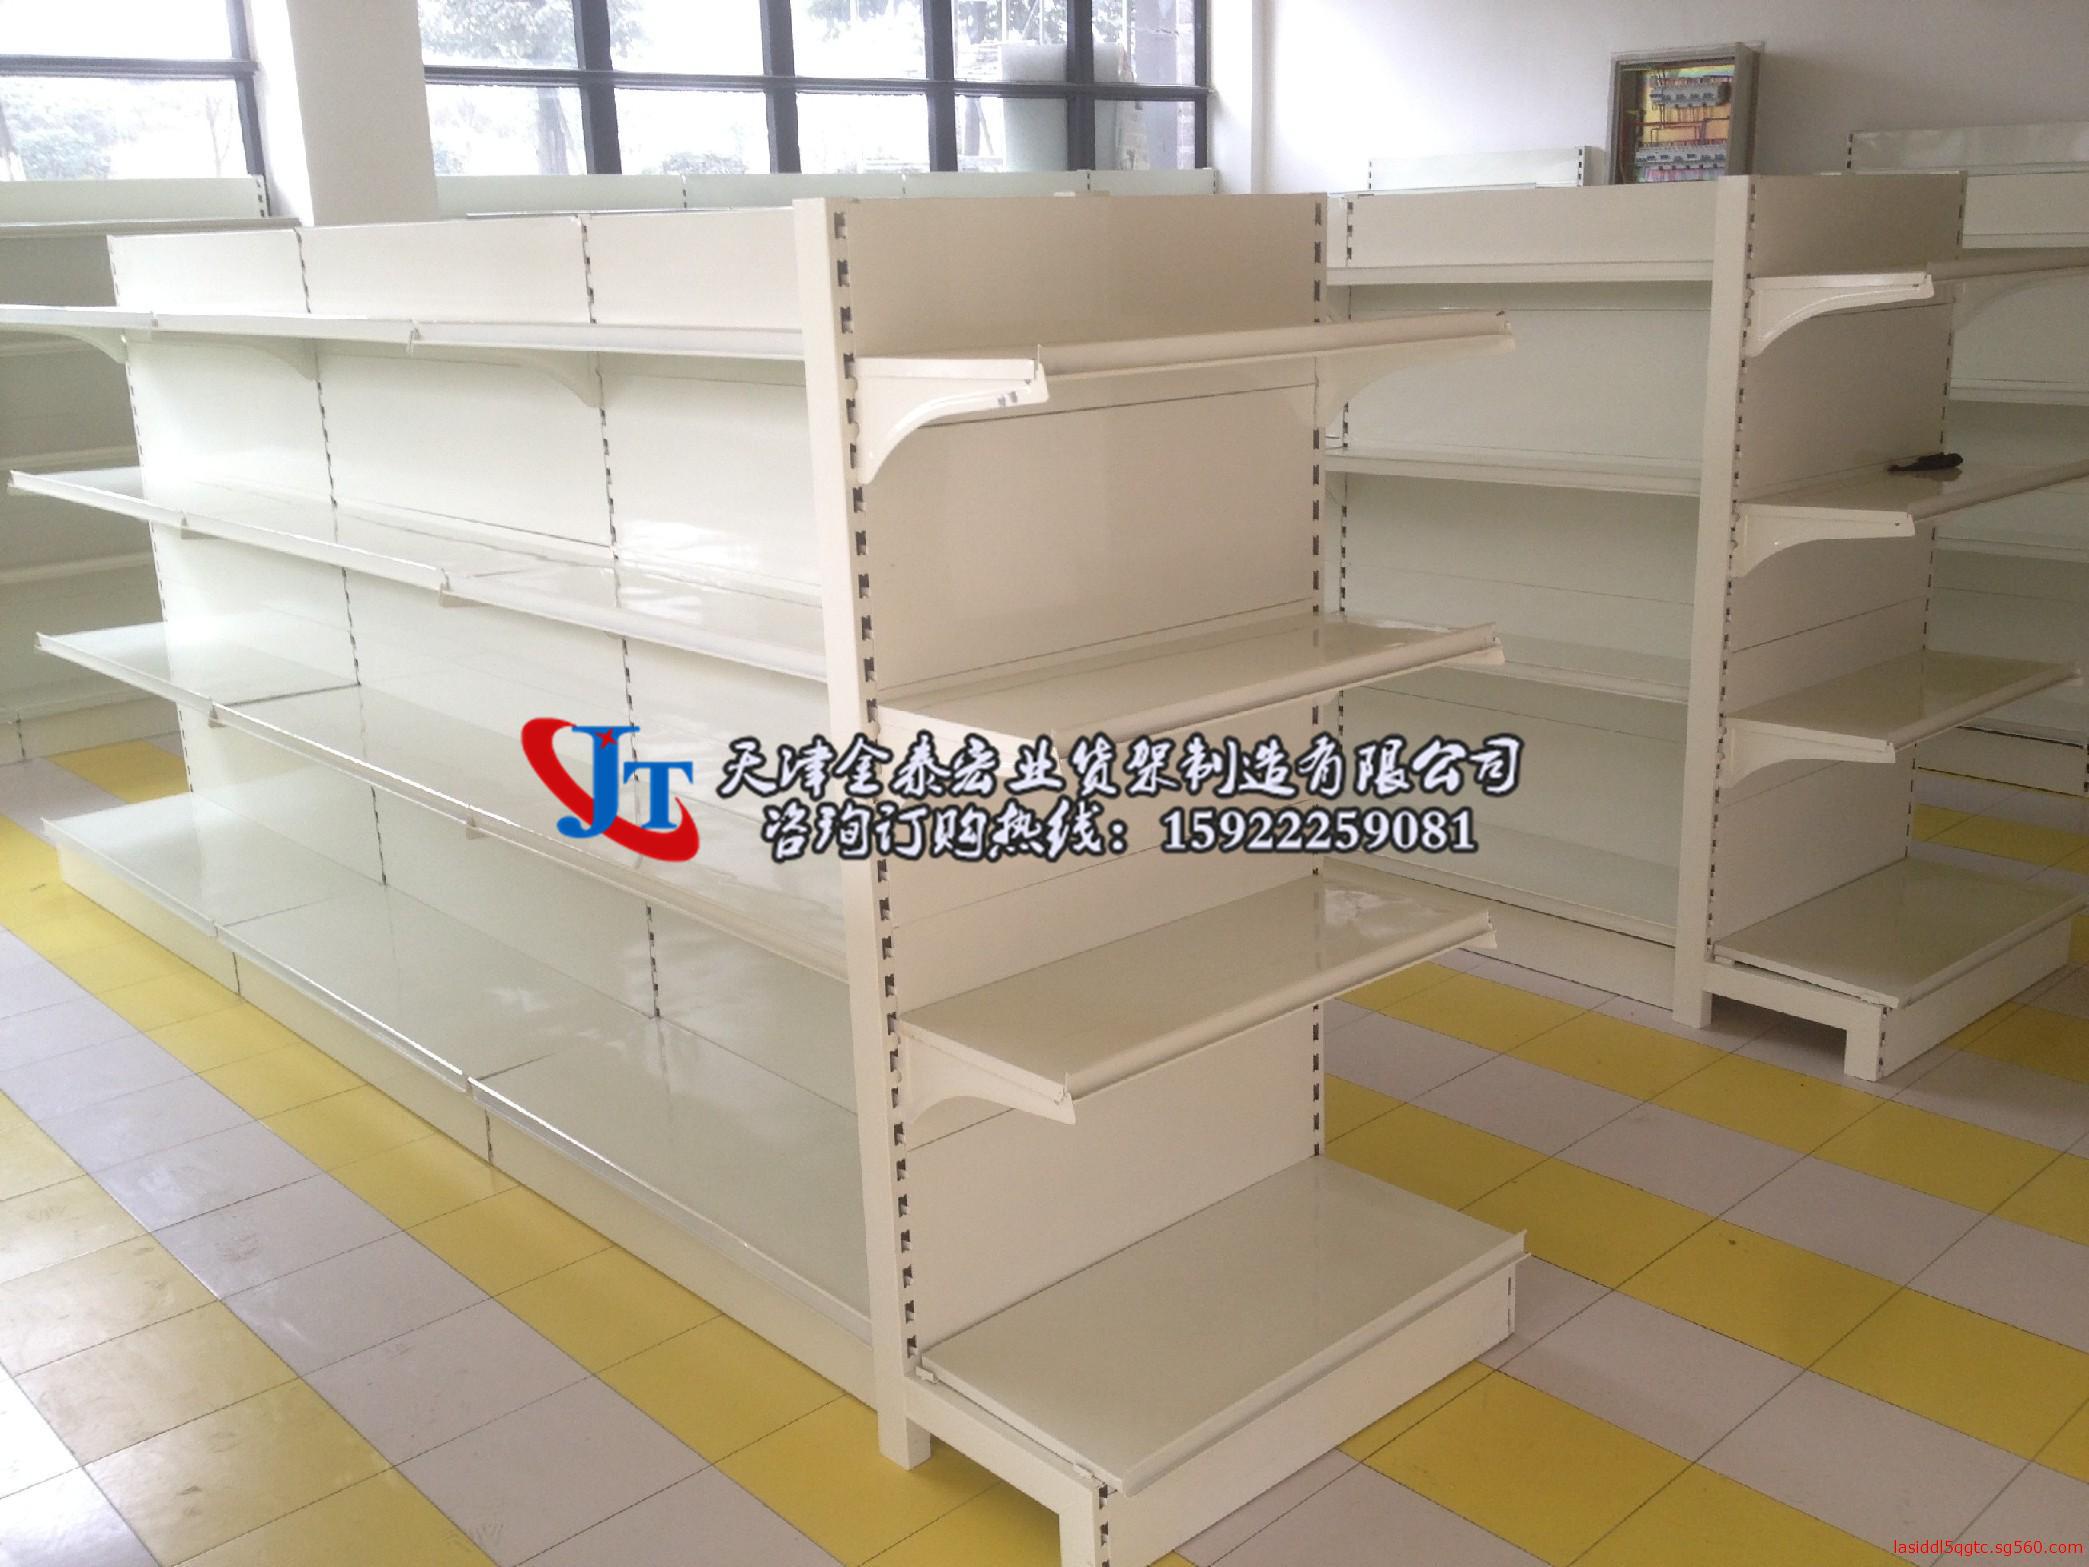 定制天津超市货架韩式超市货架天津超市货架厂家